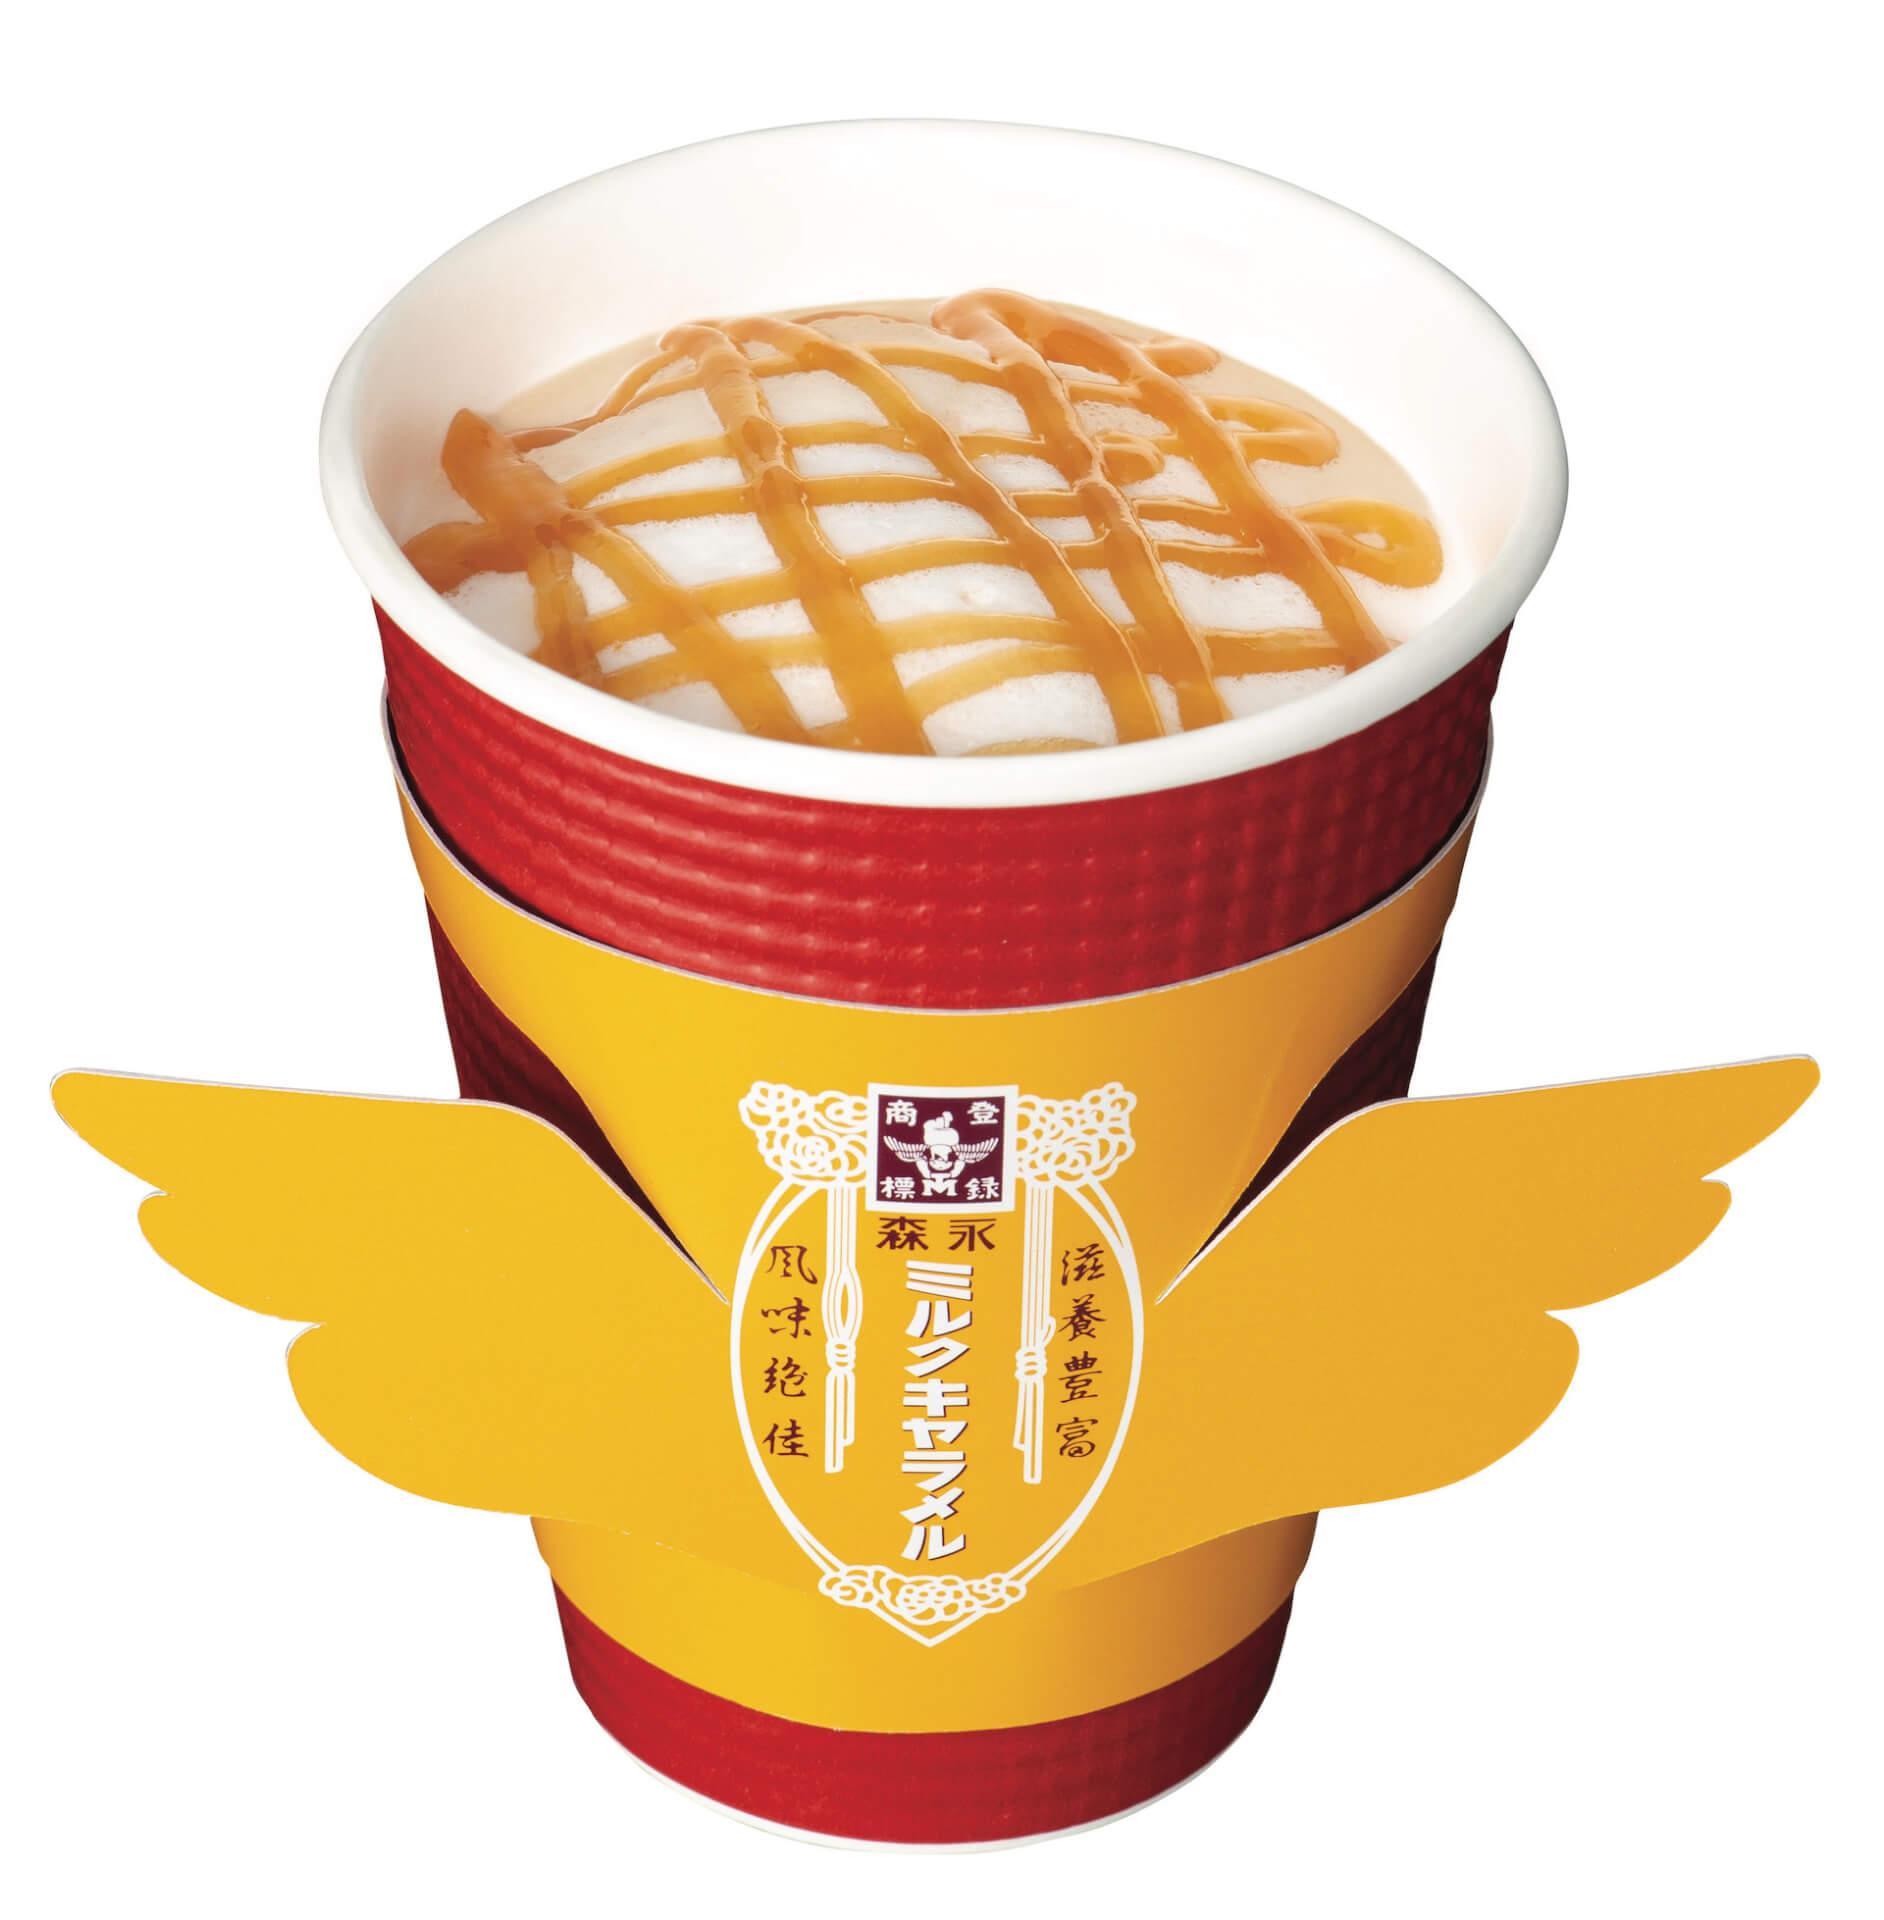 ファミマのラテが「森永ミルクキャラメル」味に!森永ミルクキャラメルラテ&森永ミルクキャラメルふわふわシフォンが登場 gourmet201201_familymart_latte_5